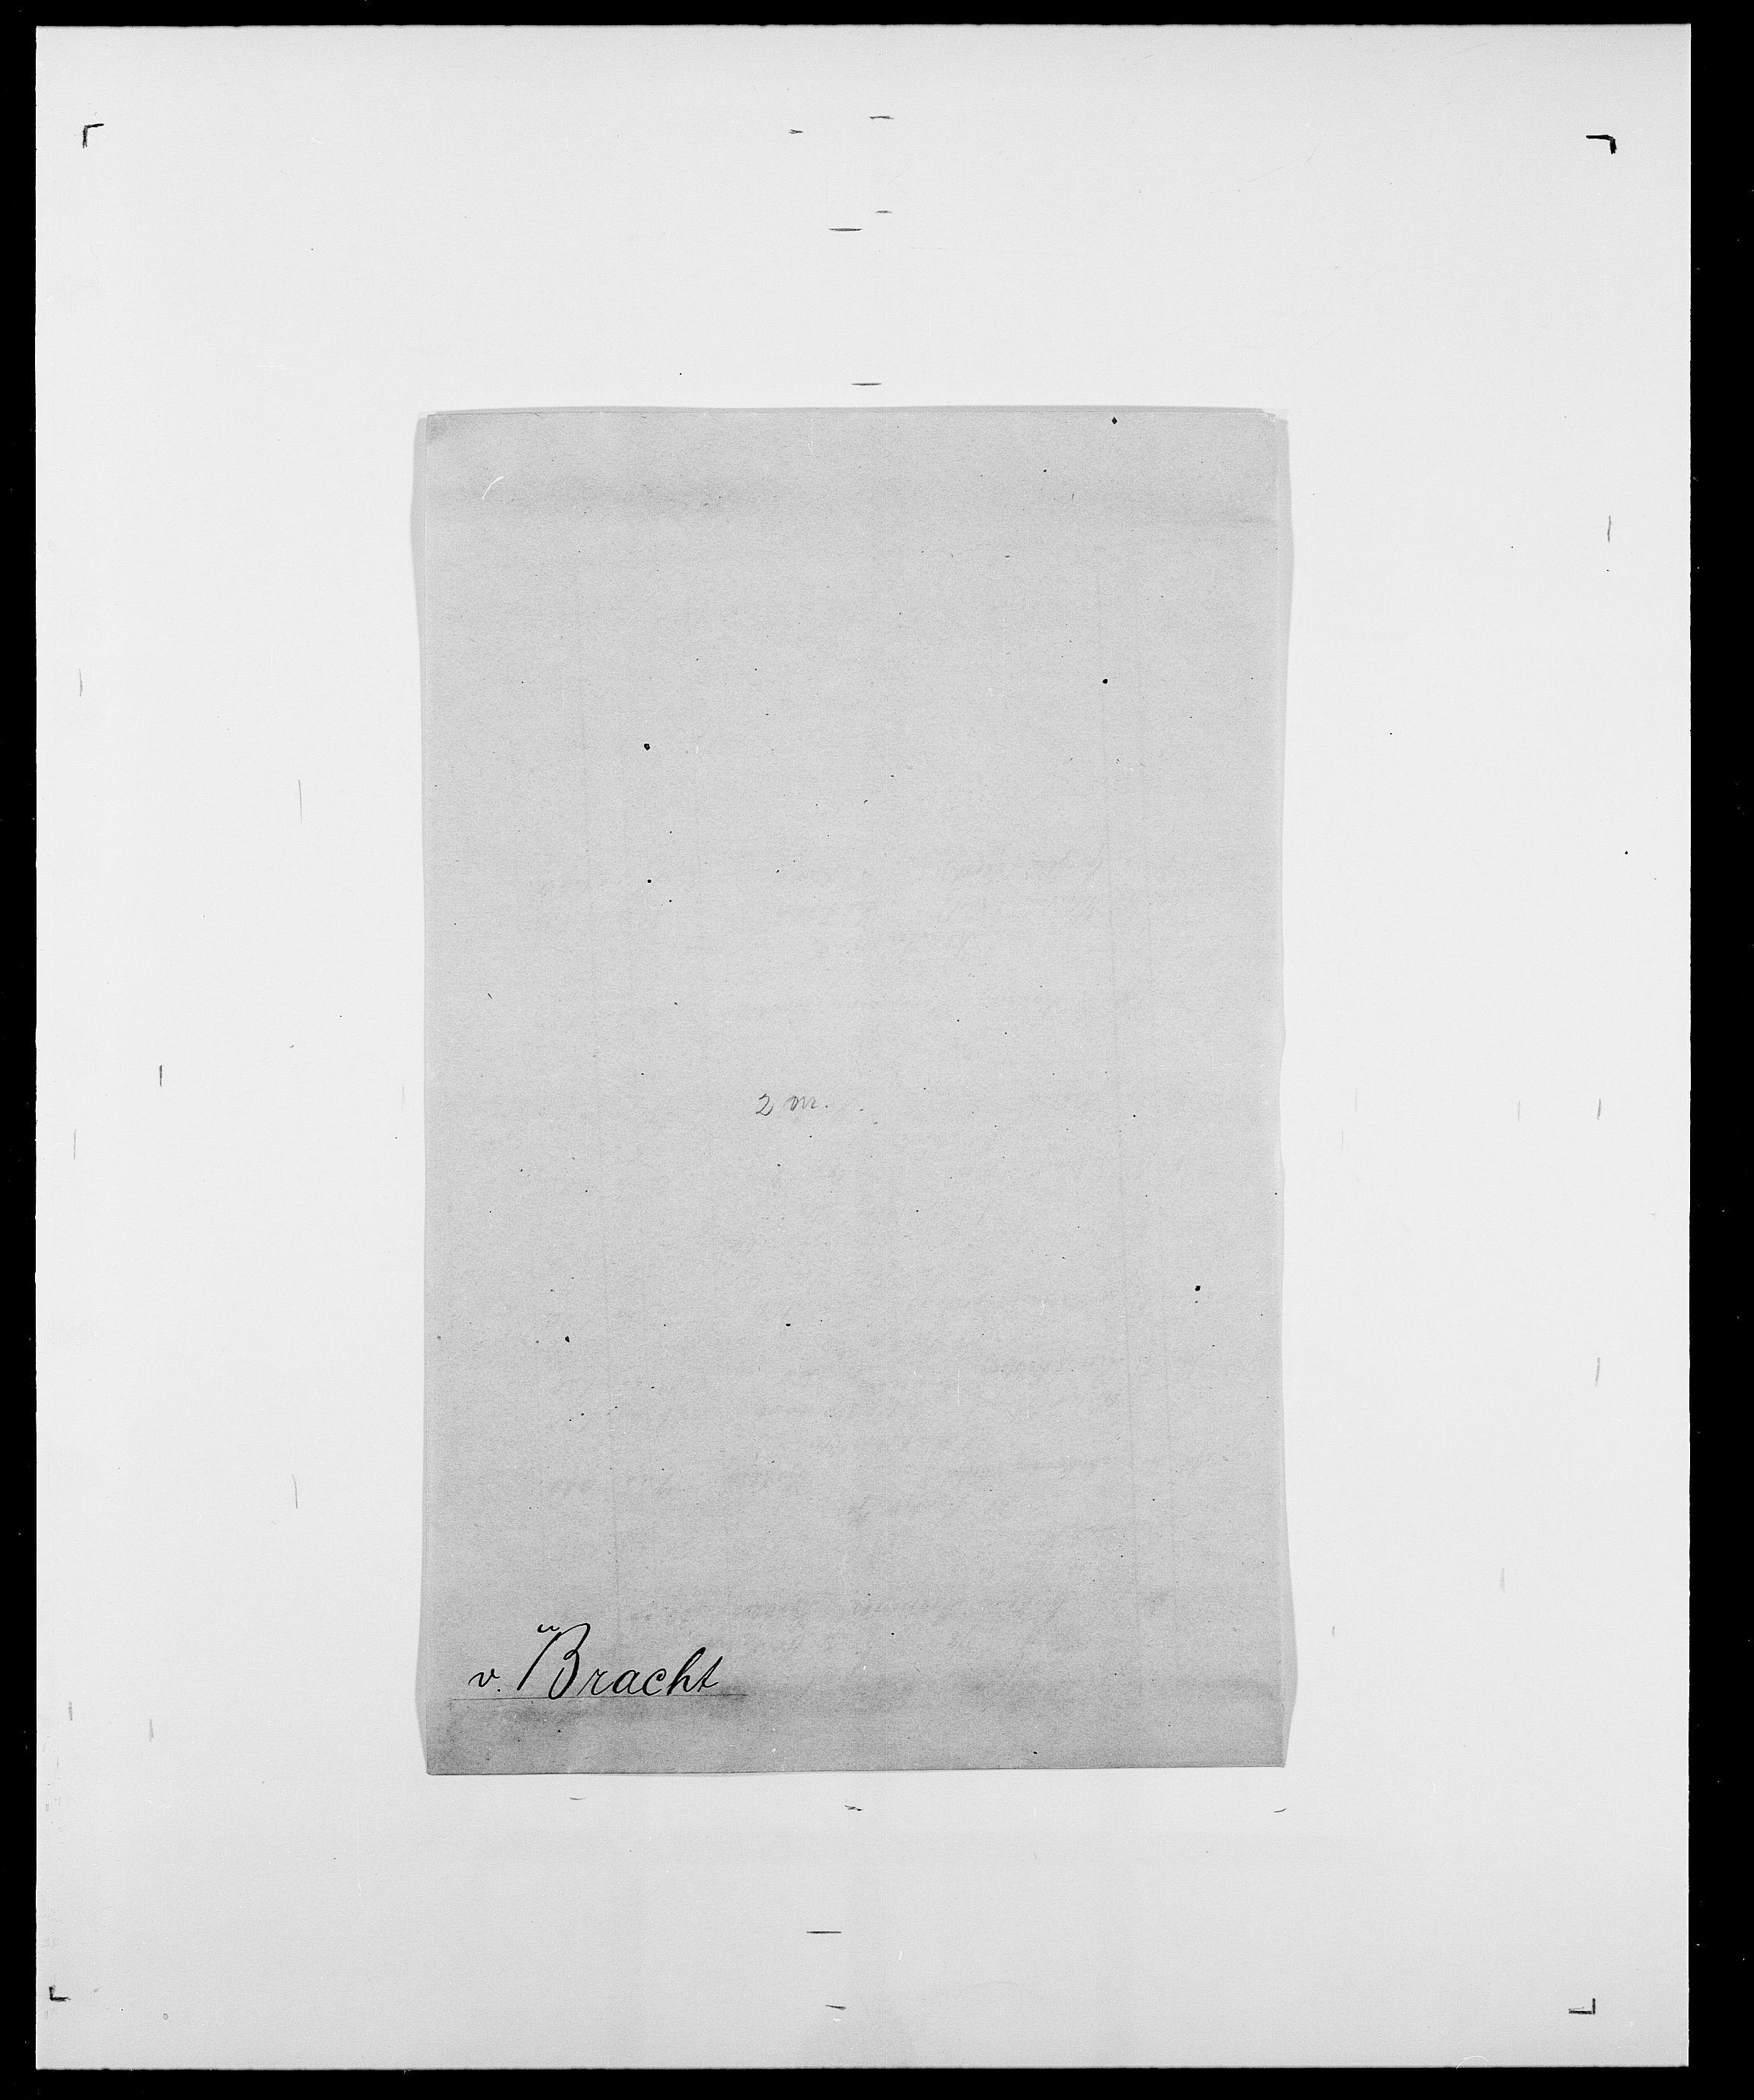 SAO, Delgobe, Charles Antoine - samling, D/Da/L0005: Boalth - Brahm, s. 440